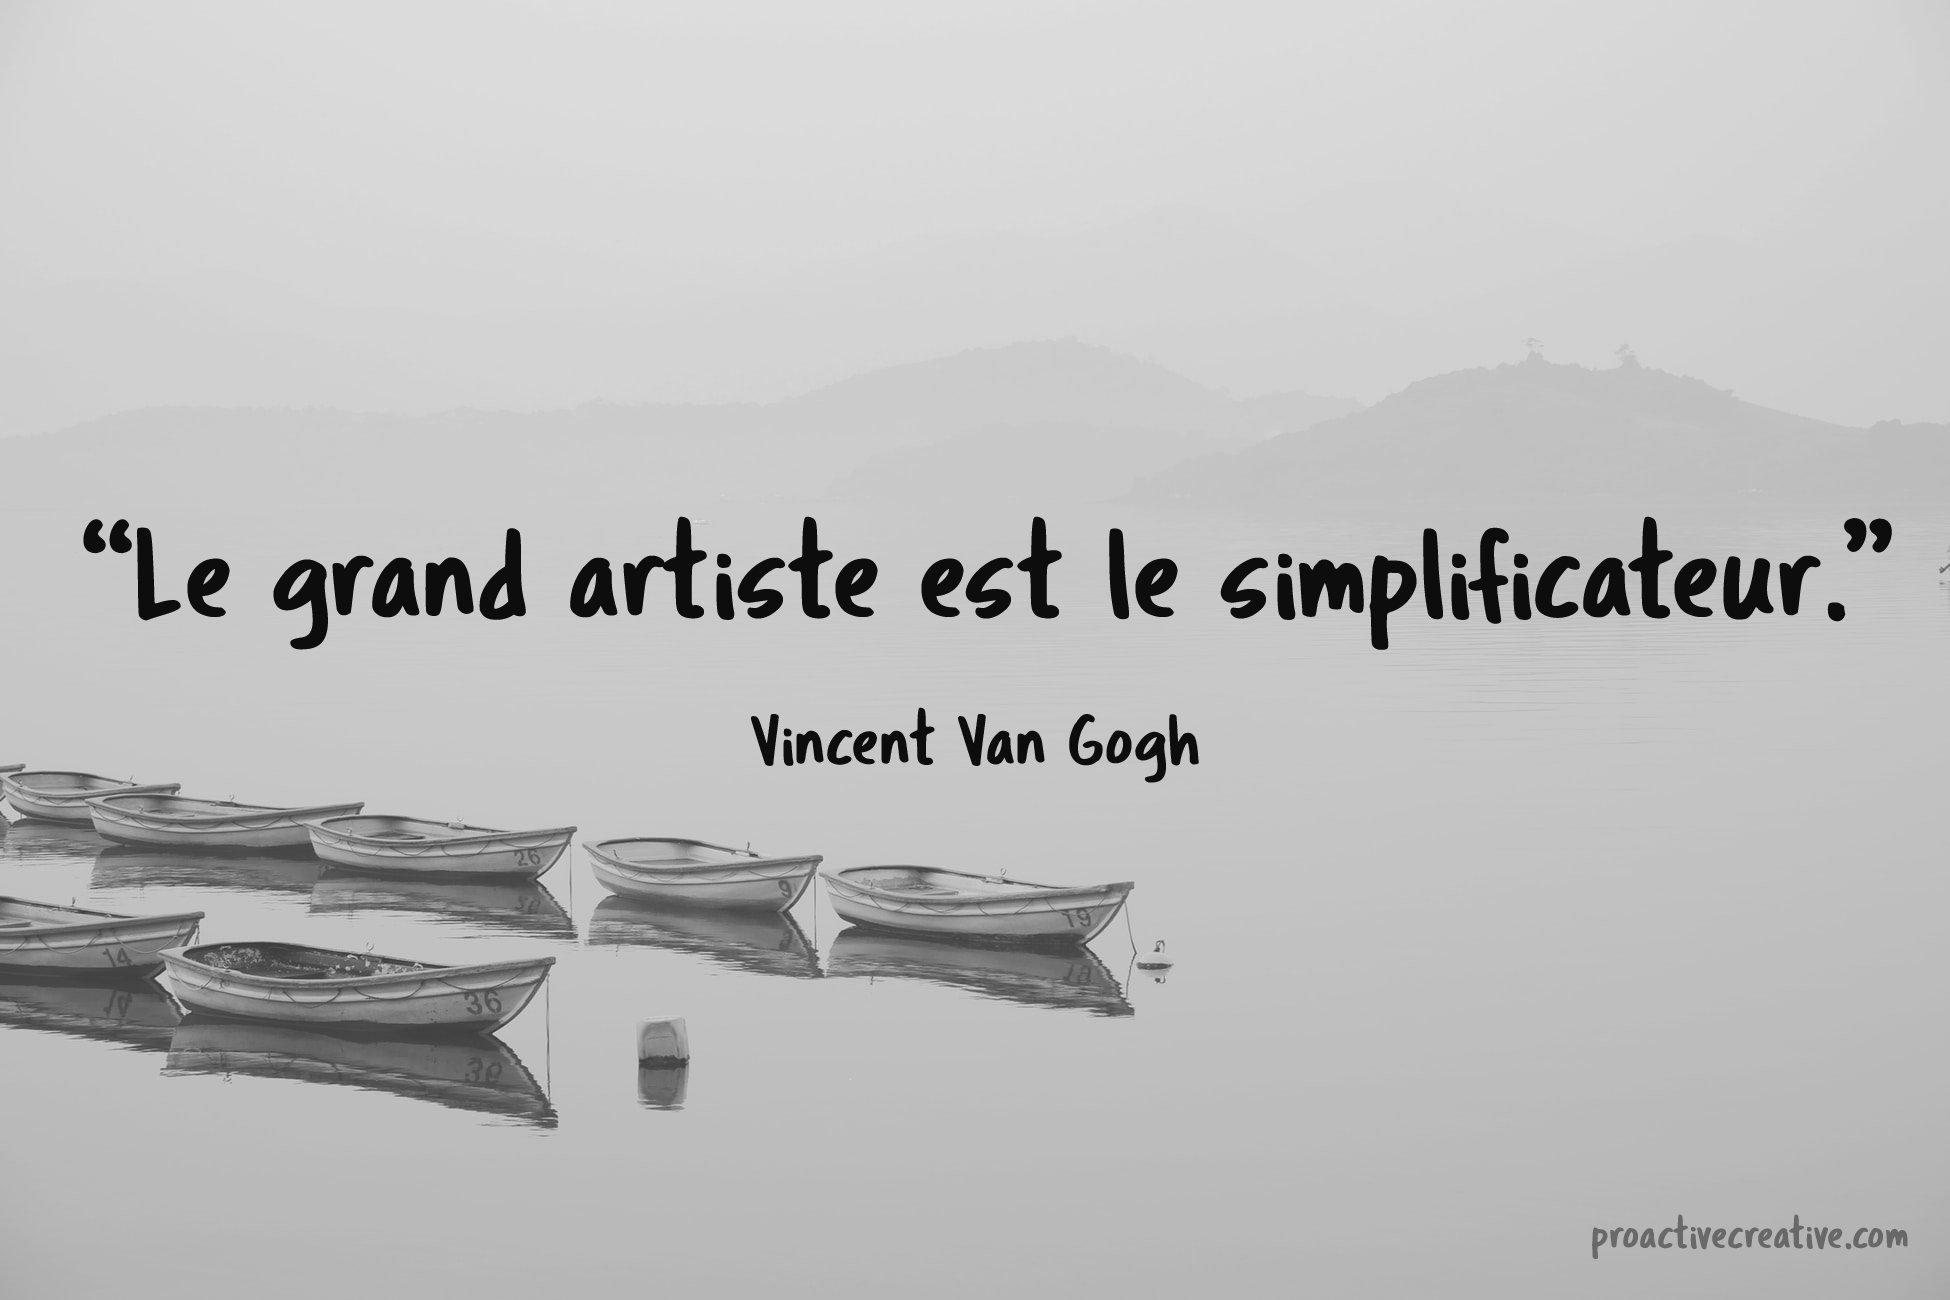 Citations d'art - Vincent Van Gogh